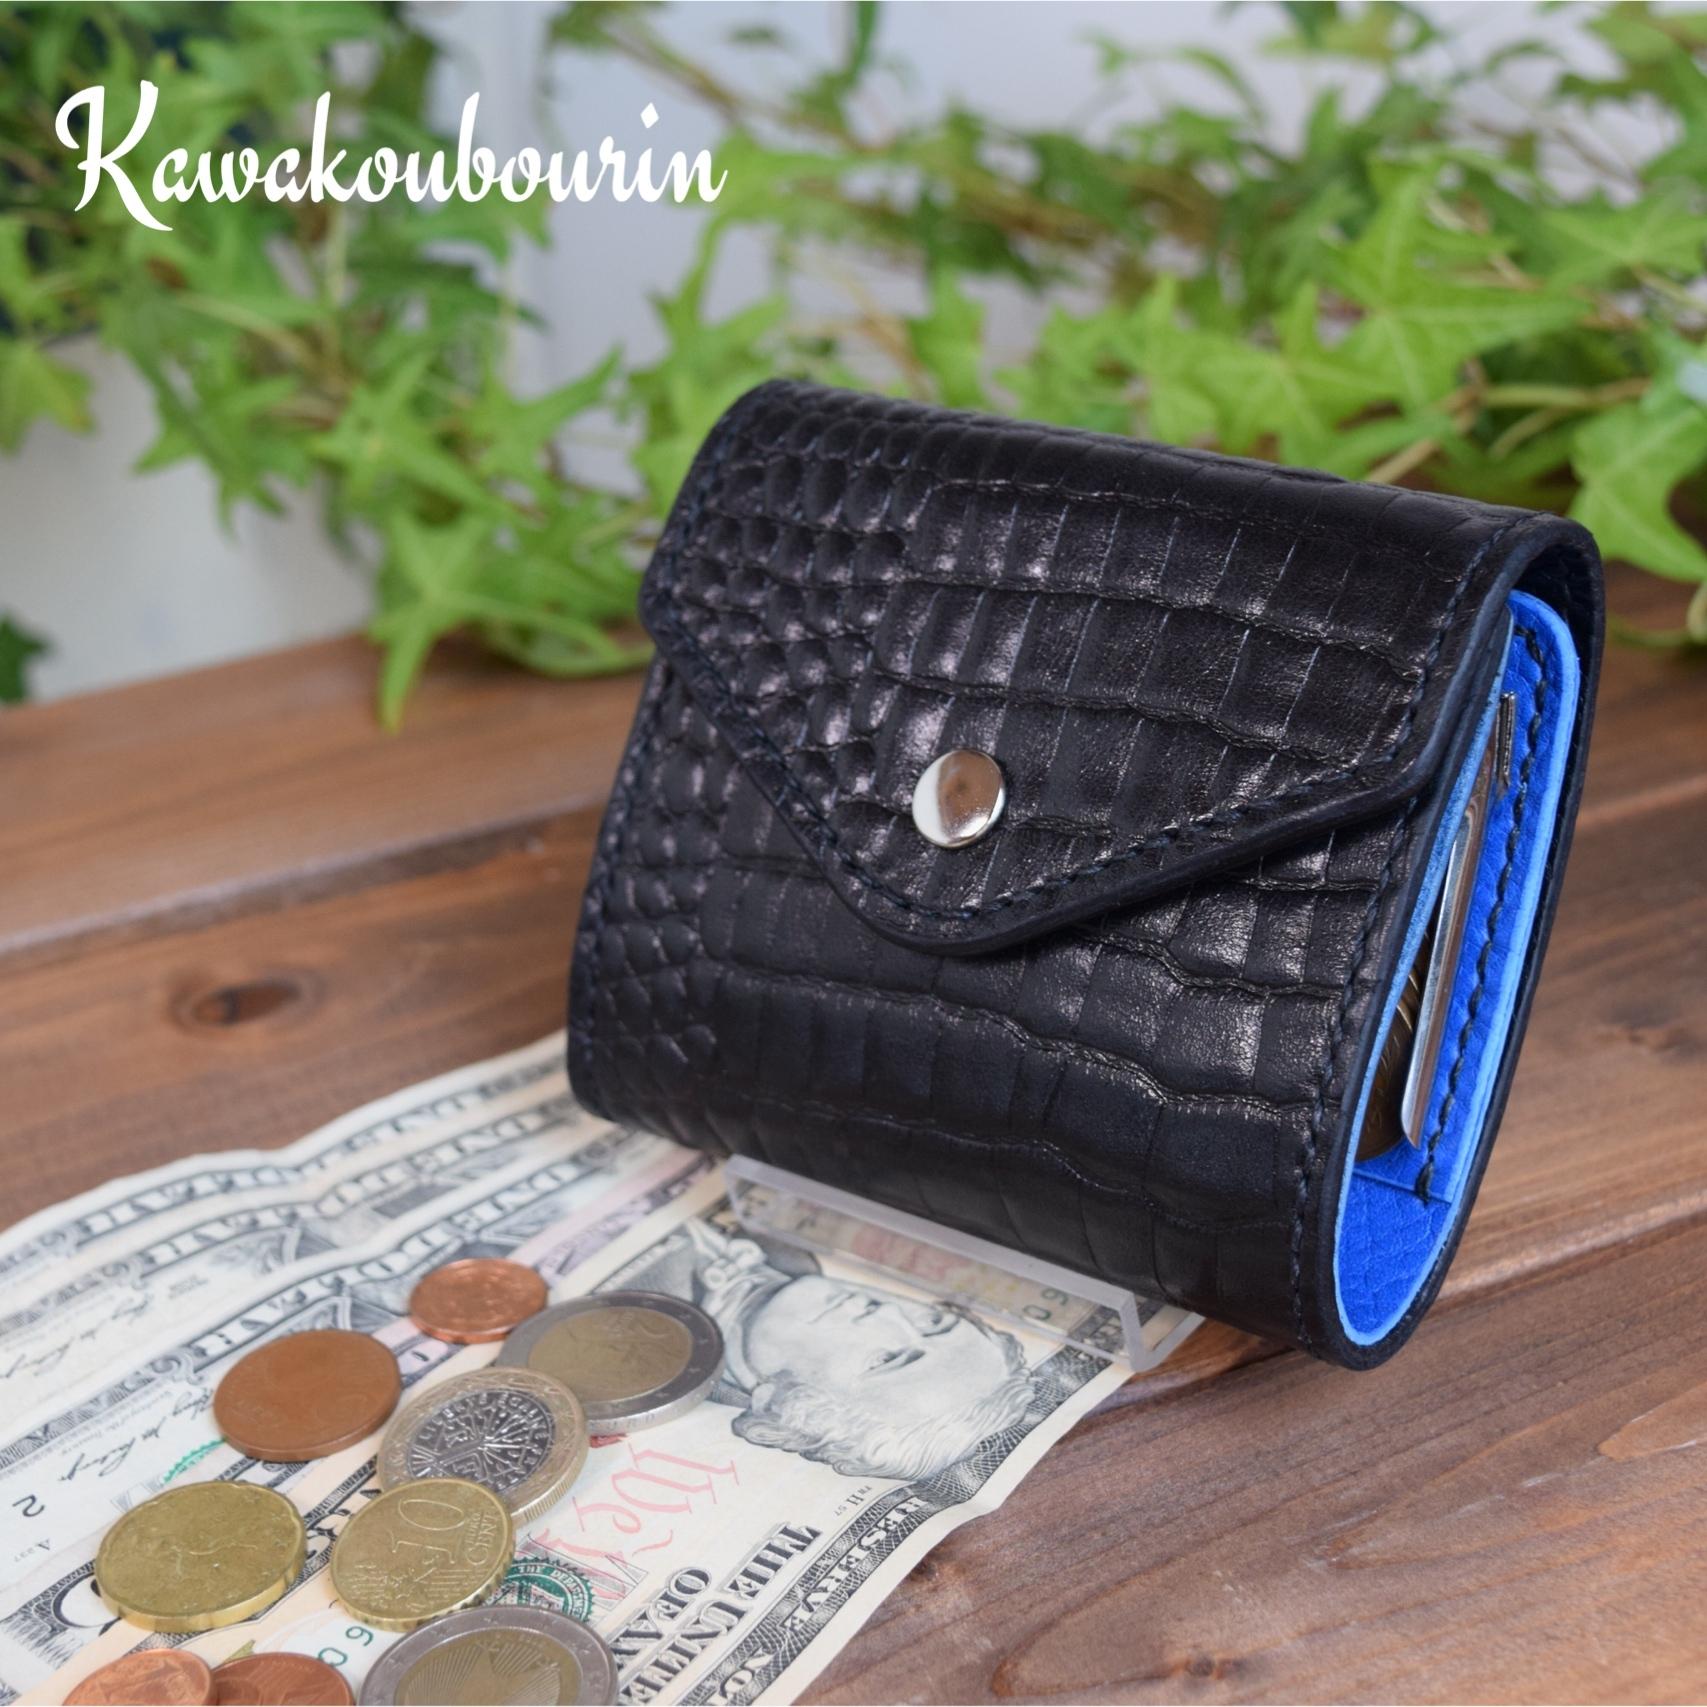 【受注制作】コインキャッチャーのお財布(型押しクロコ) (KA034b2-10)